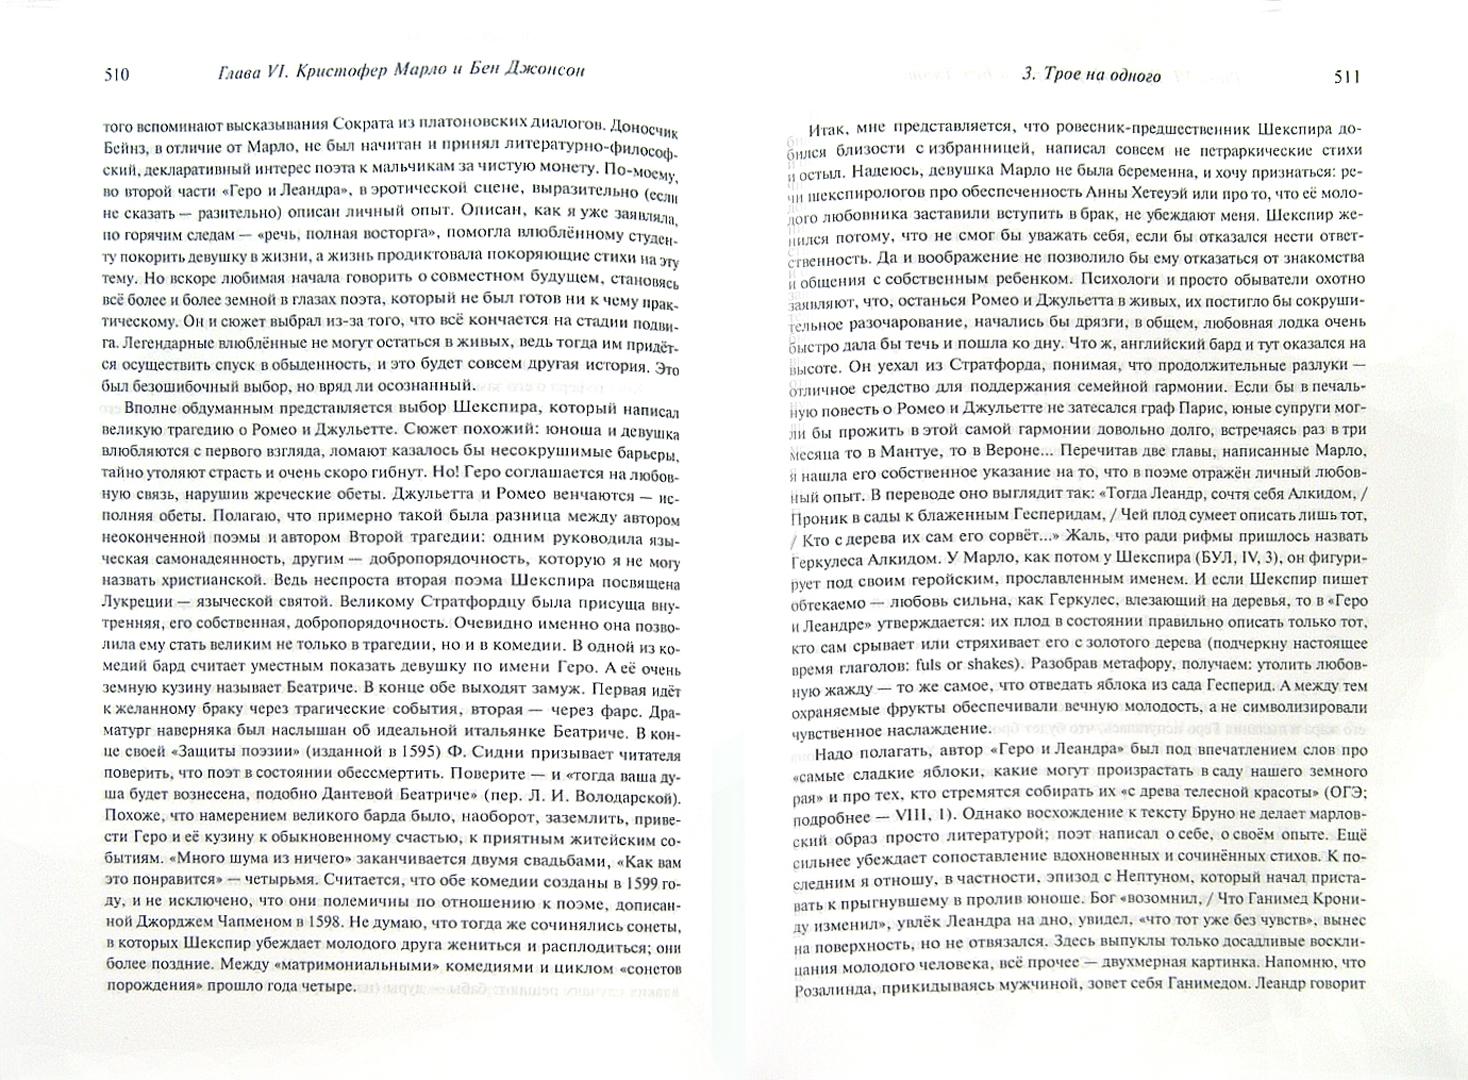 Иллюстрация 1 из 17 для Плоды шекспиролюбия. Шекспир и Шакспер. Елизаветинцы и Джордано Бруно - Елена Гордеева   Лабиринт - книги. Источник: Лабиринт